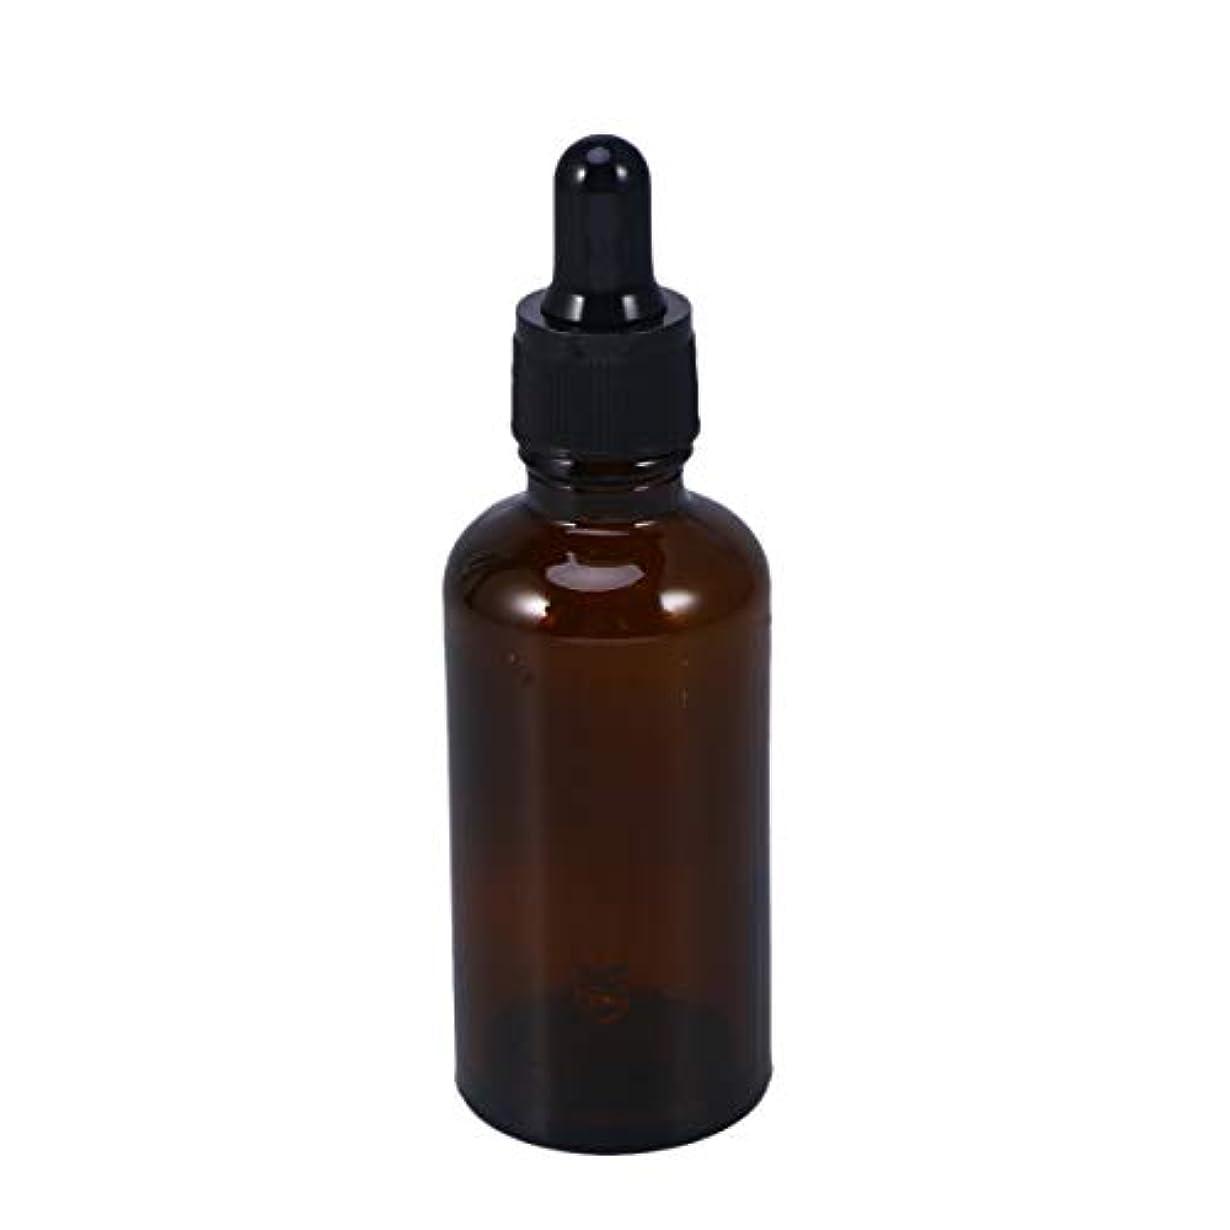 ダウンシエスタ結論Frcolor 遮光瓶 スポイト遮光瓶 スポイト付き アロマボトル 50ml 保存容器 エッセンシャルオイル 香水 保存用 詰替え ガラス 茶色